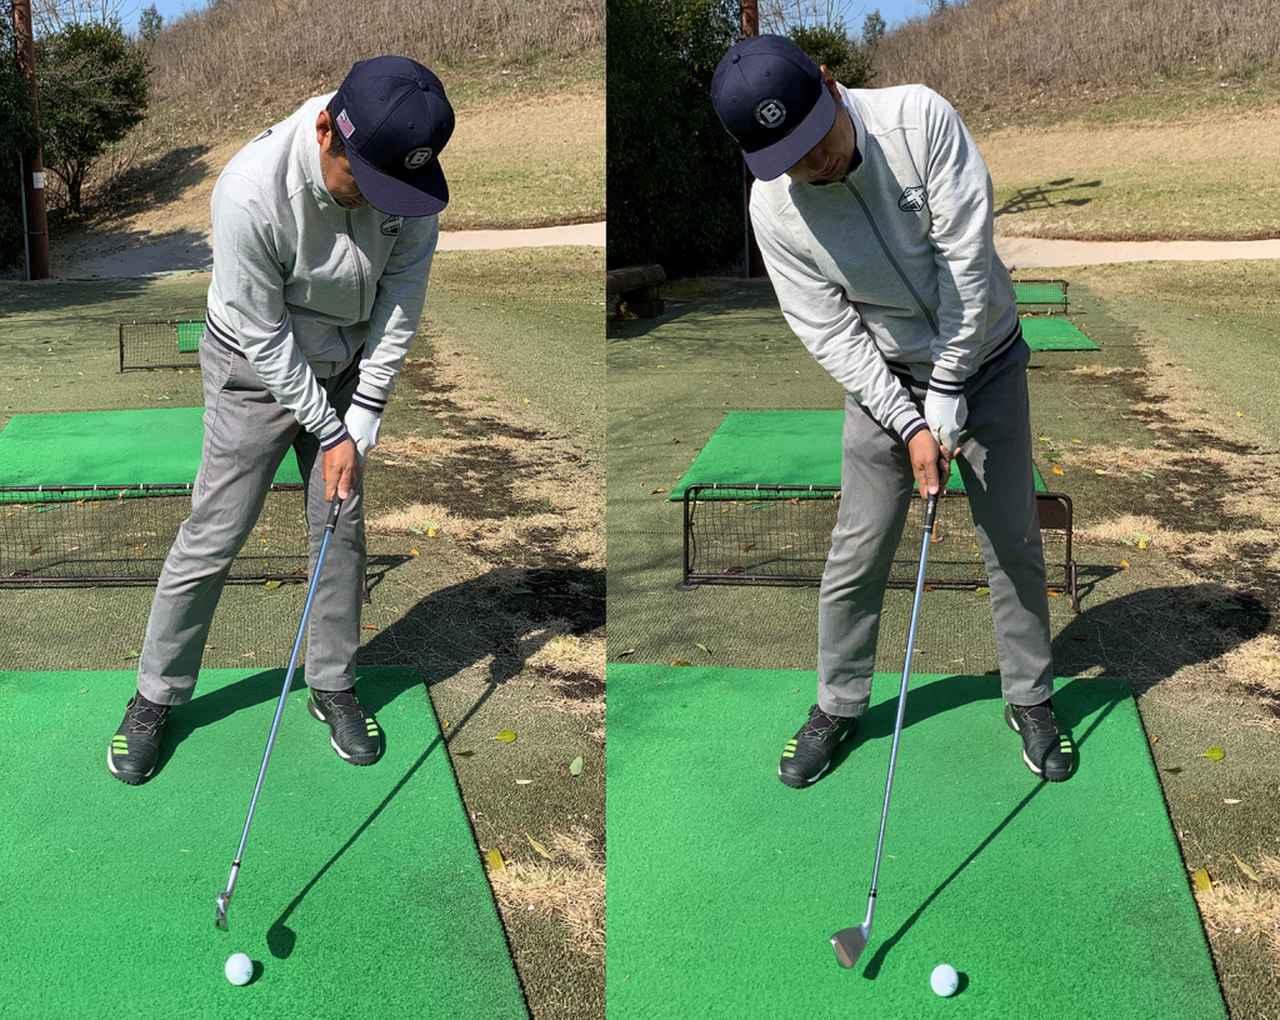 画像: 突っ込み癖がある人は右足寄り、体が伸び上がる人は左足寄りにボールを置いてみよう